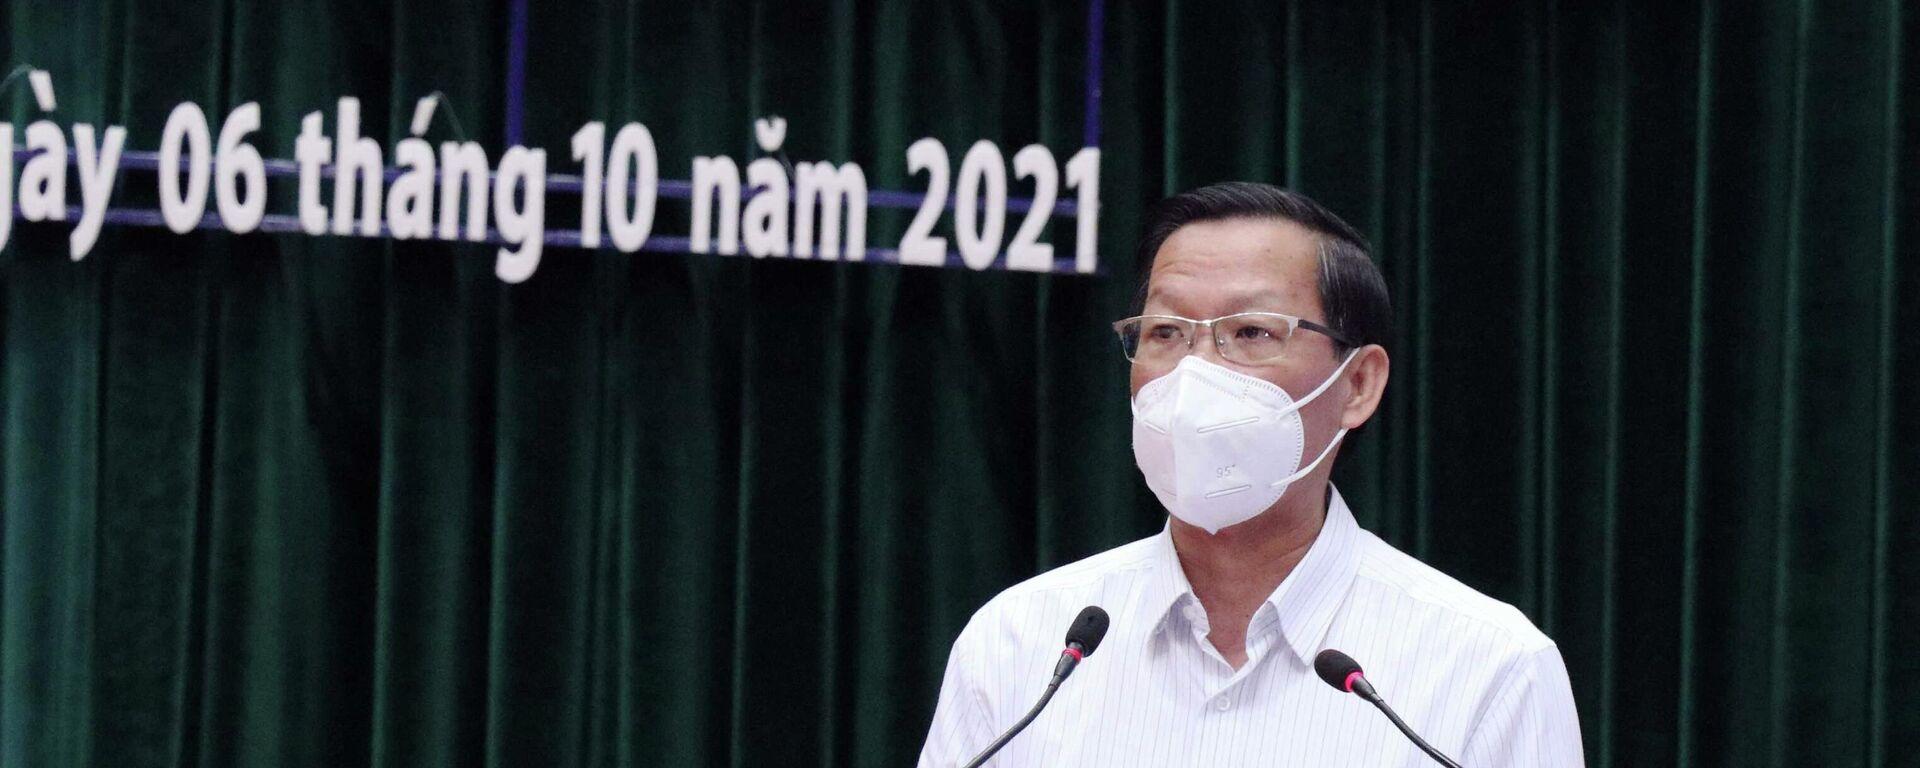 Ông Phan Văn Mãi, Phó Bí thư Thường trực Thành ủy, Chủ tịch UBND Thành phố Hồ chí Minh - Sputnik Việt Nam, 1920, 06.10.2021